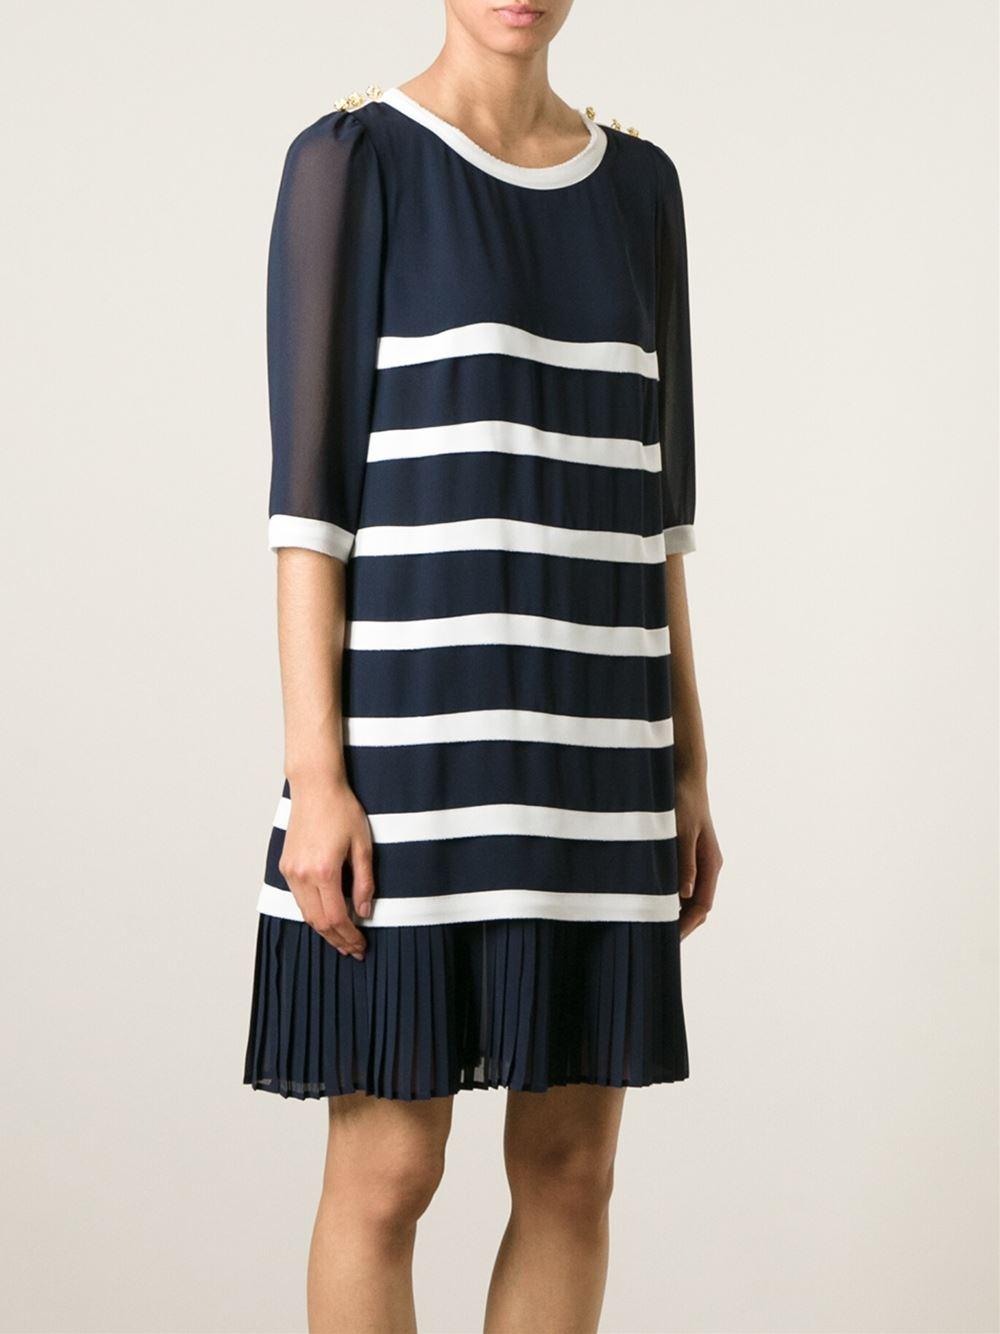 Authentic Best Prices Cheap Online DRESSES - Short dresses Edward Achour Paris Low Shipping For Sale Free Shipping Best Sale Explore Cheap Online XosAMWEsBJ